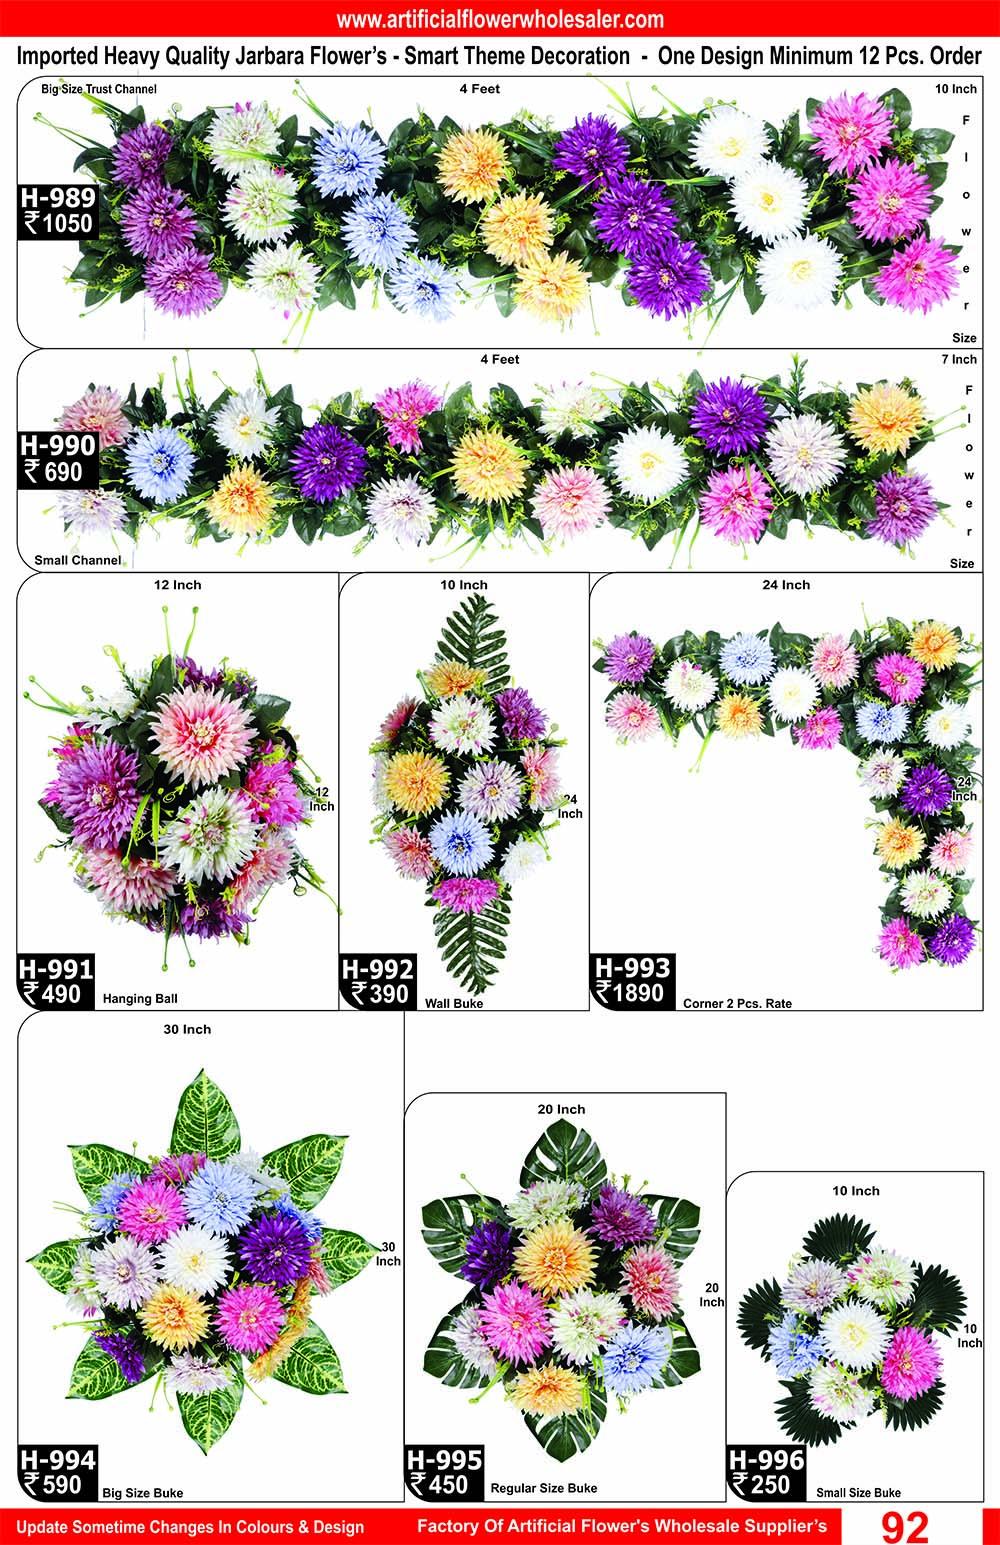 92-artificial-flower-wholesaler